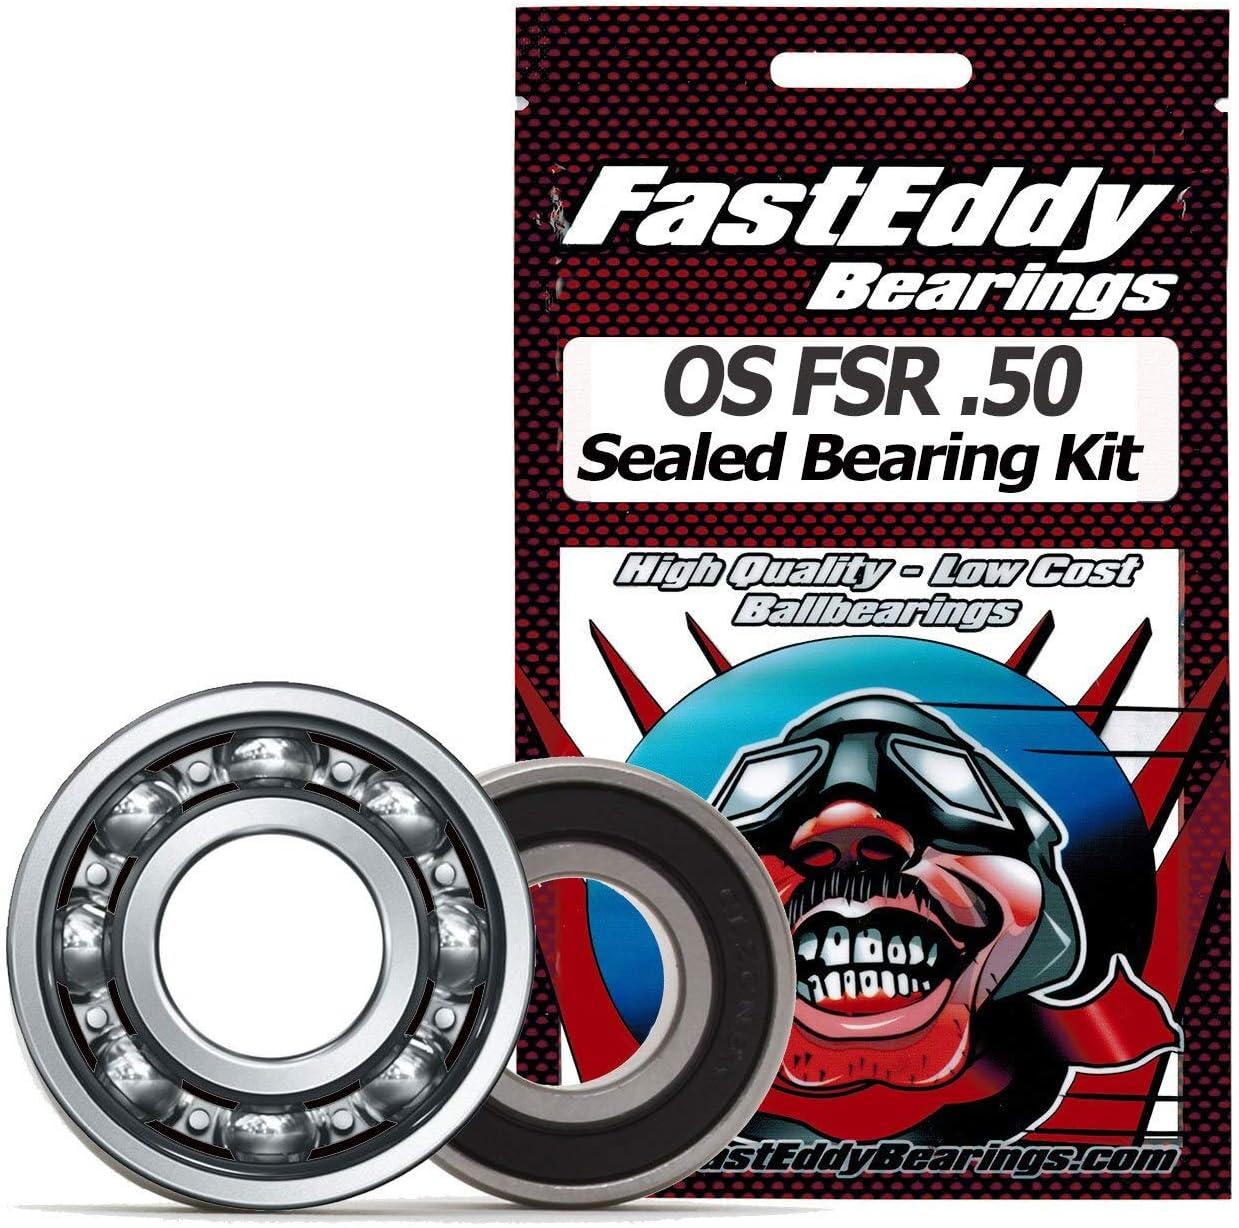 OS FSR .50 Sealed Bearing Kit